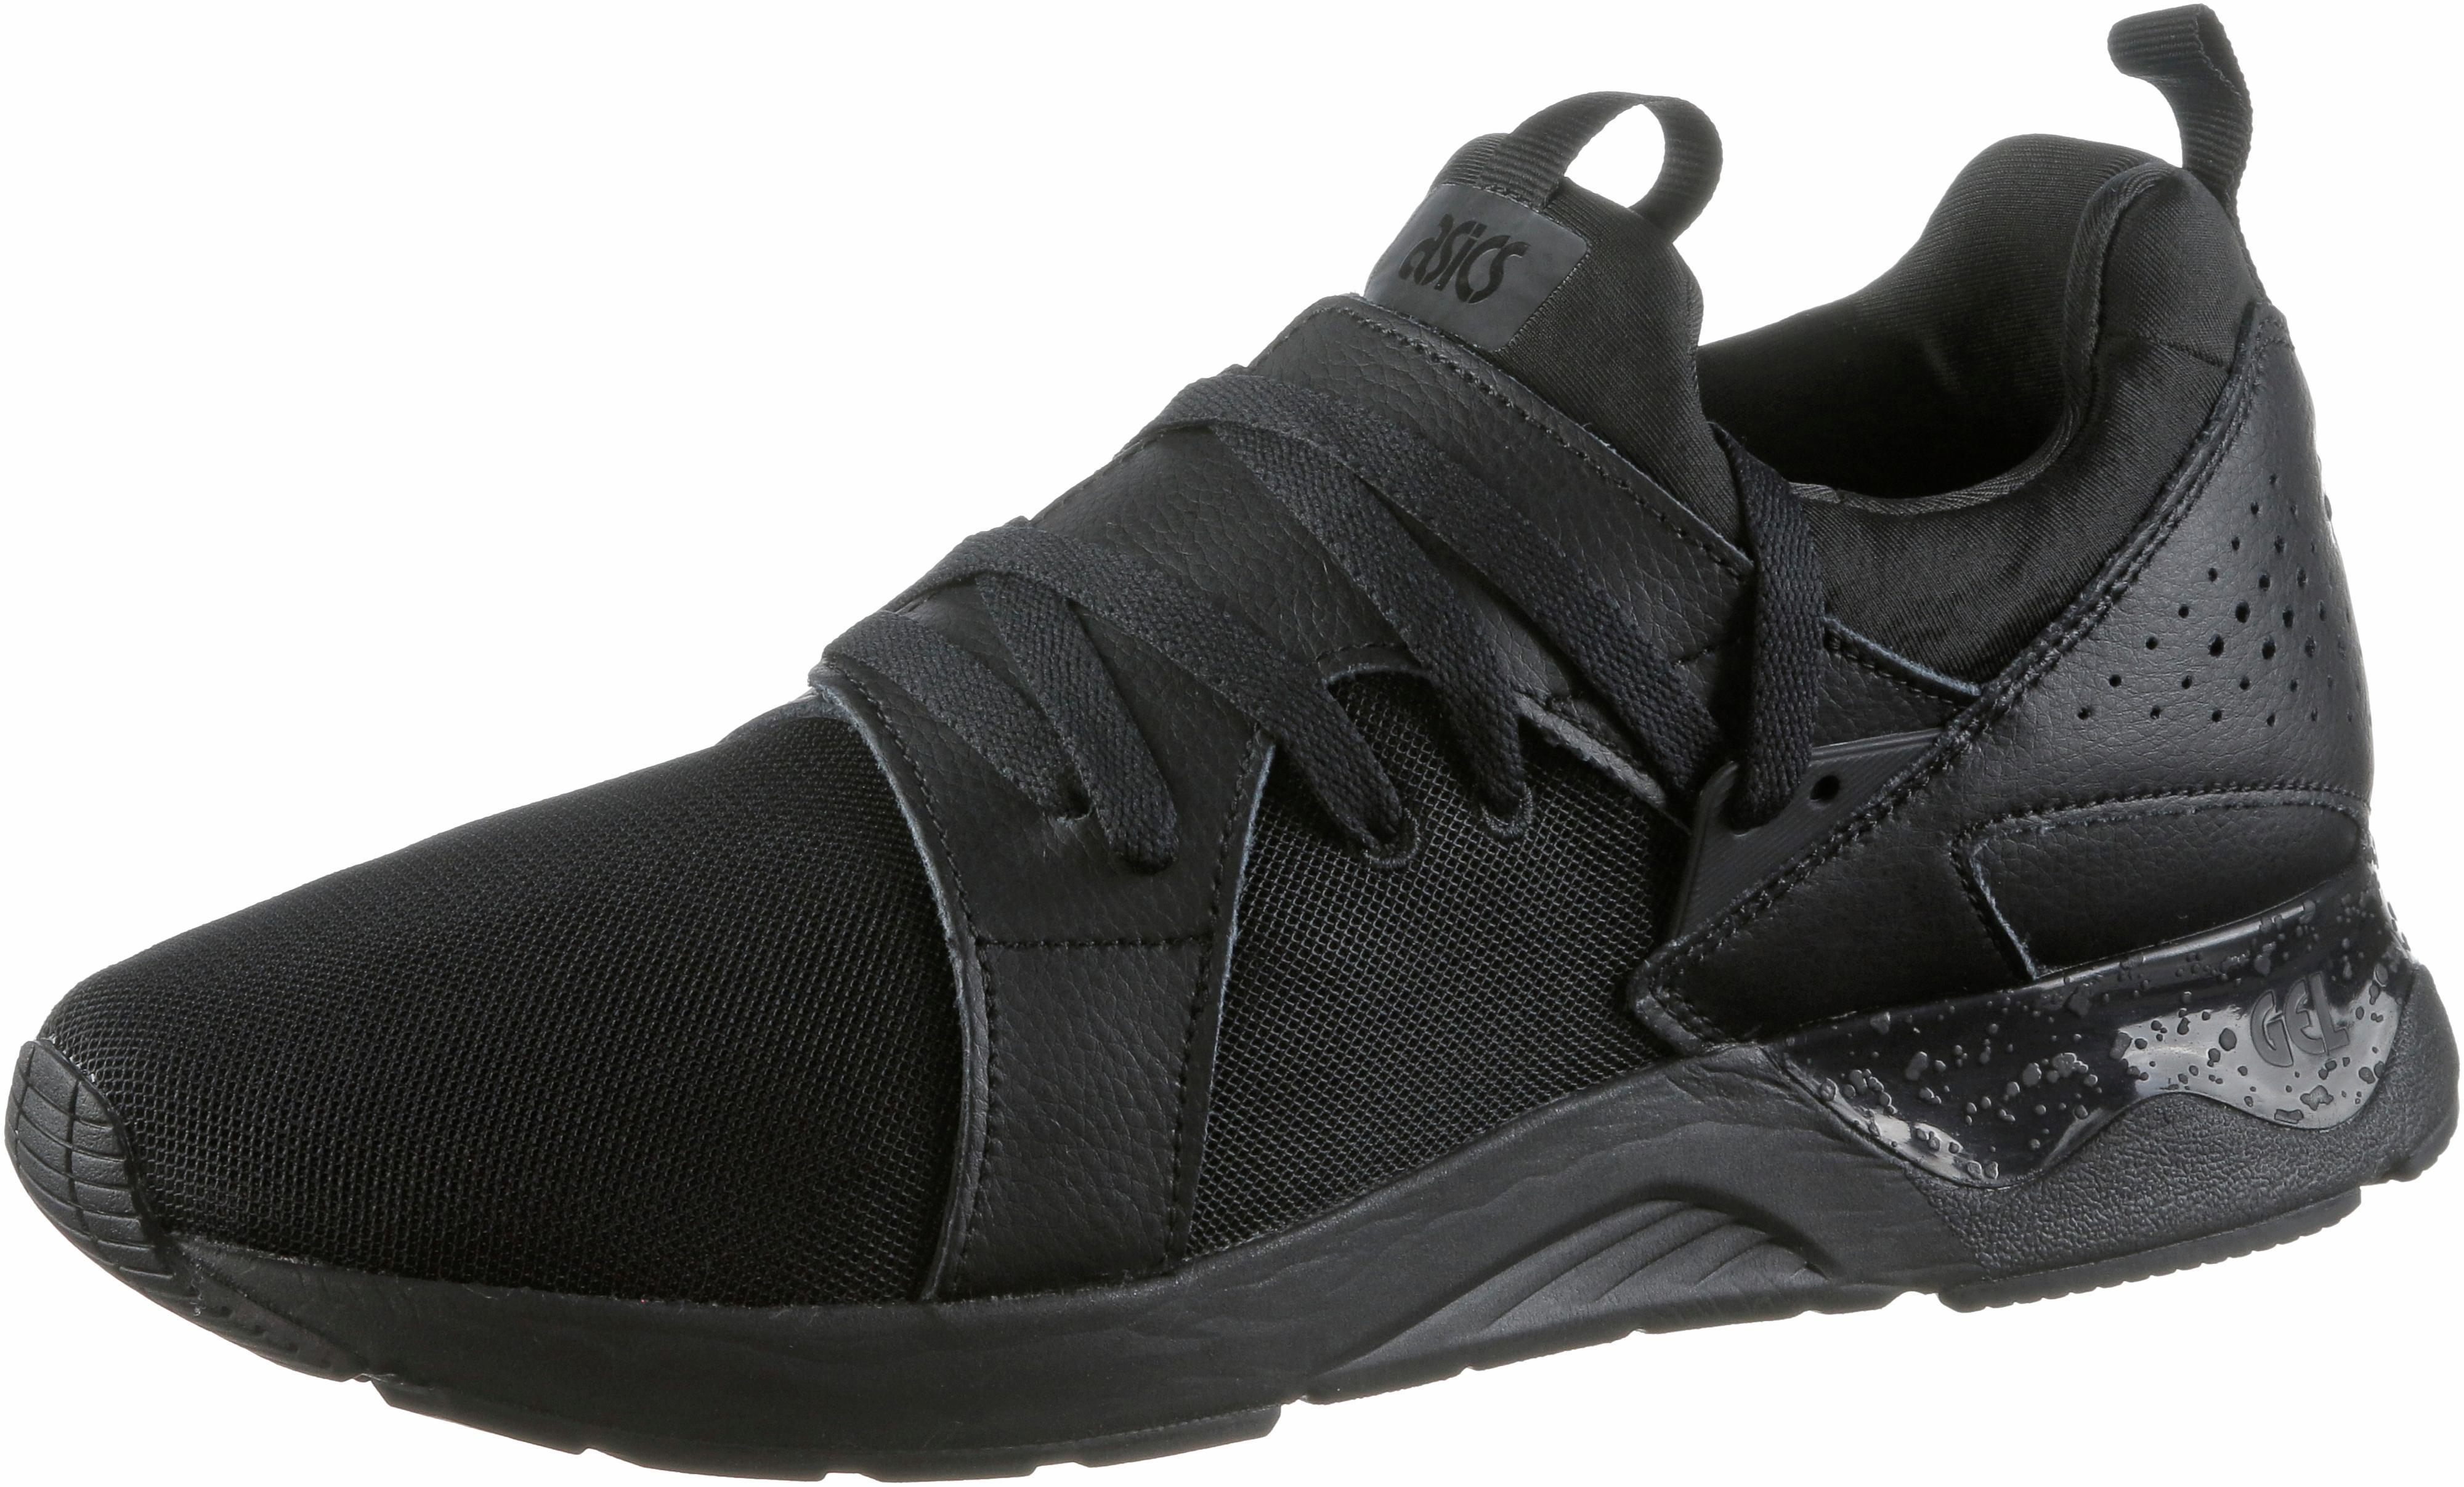 ASICS ASICS ASICS Gel Lyte V Sanze Turnschuhe Herren schwarz-schwarz im Online Shop von SportScheck kaufen Gute Qualität beliebte Schuhe 3de5ea